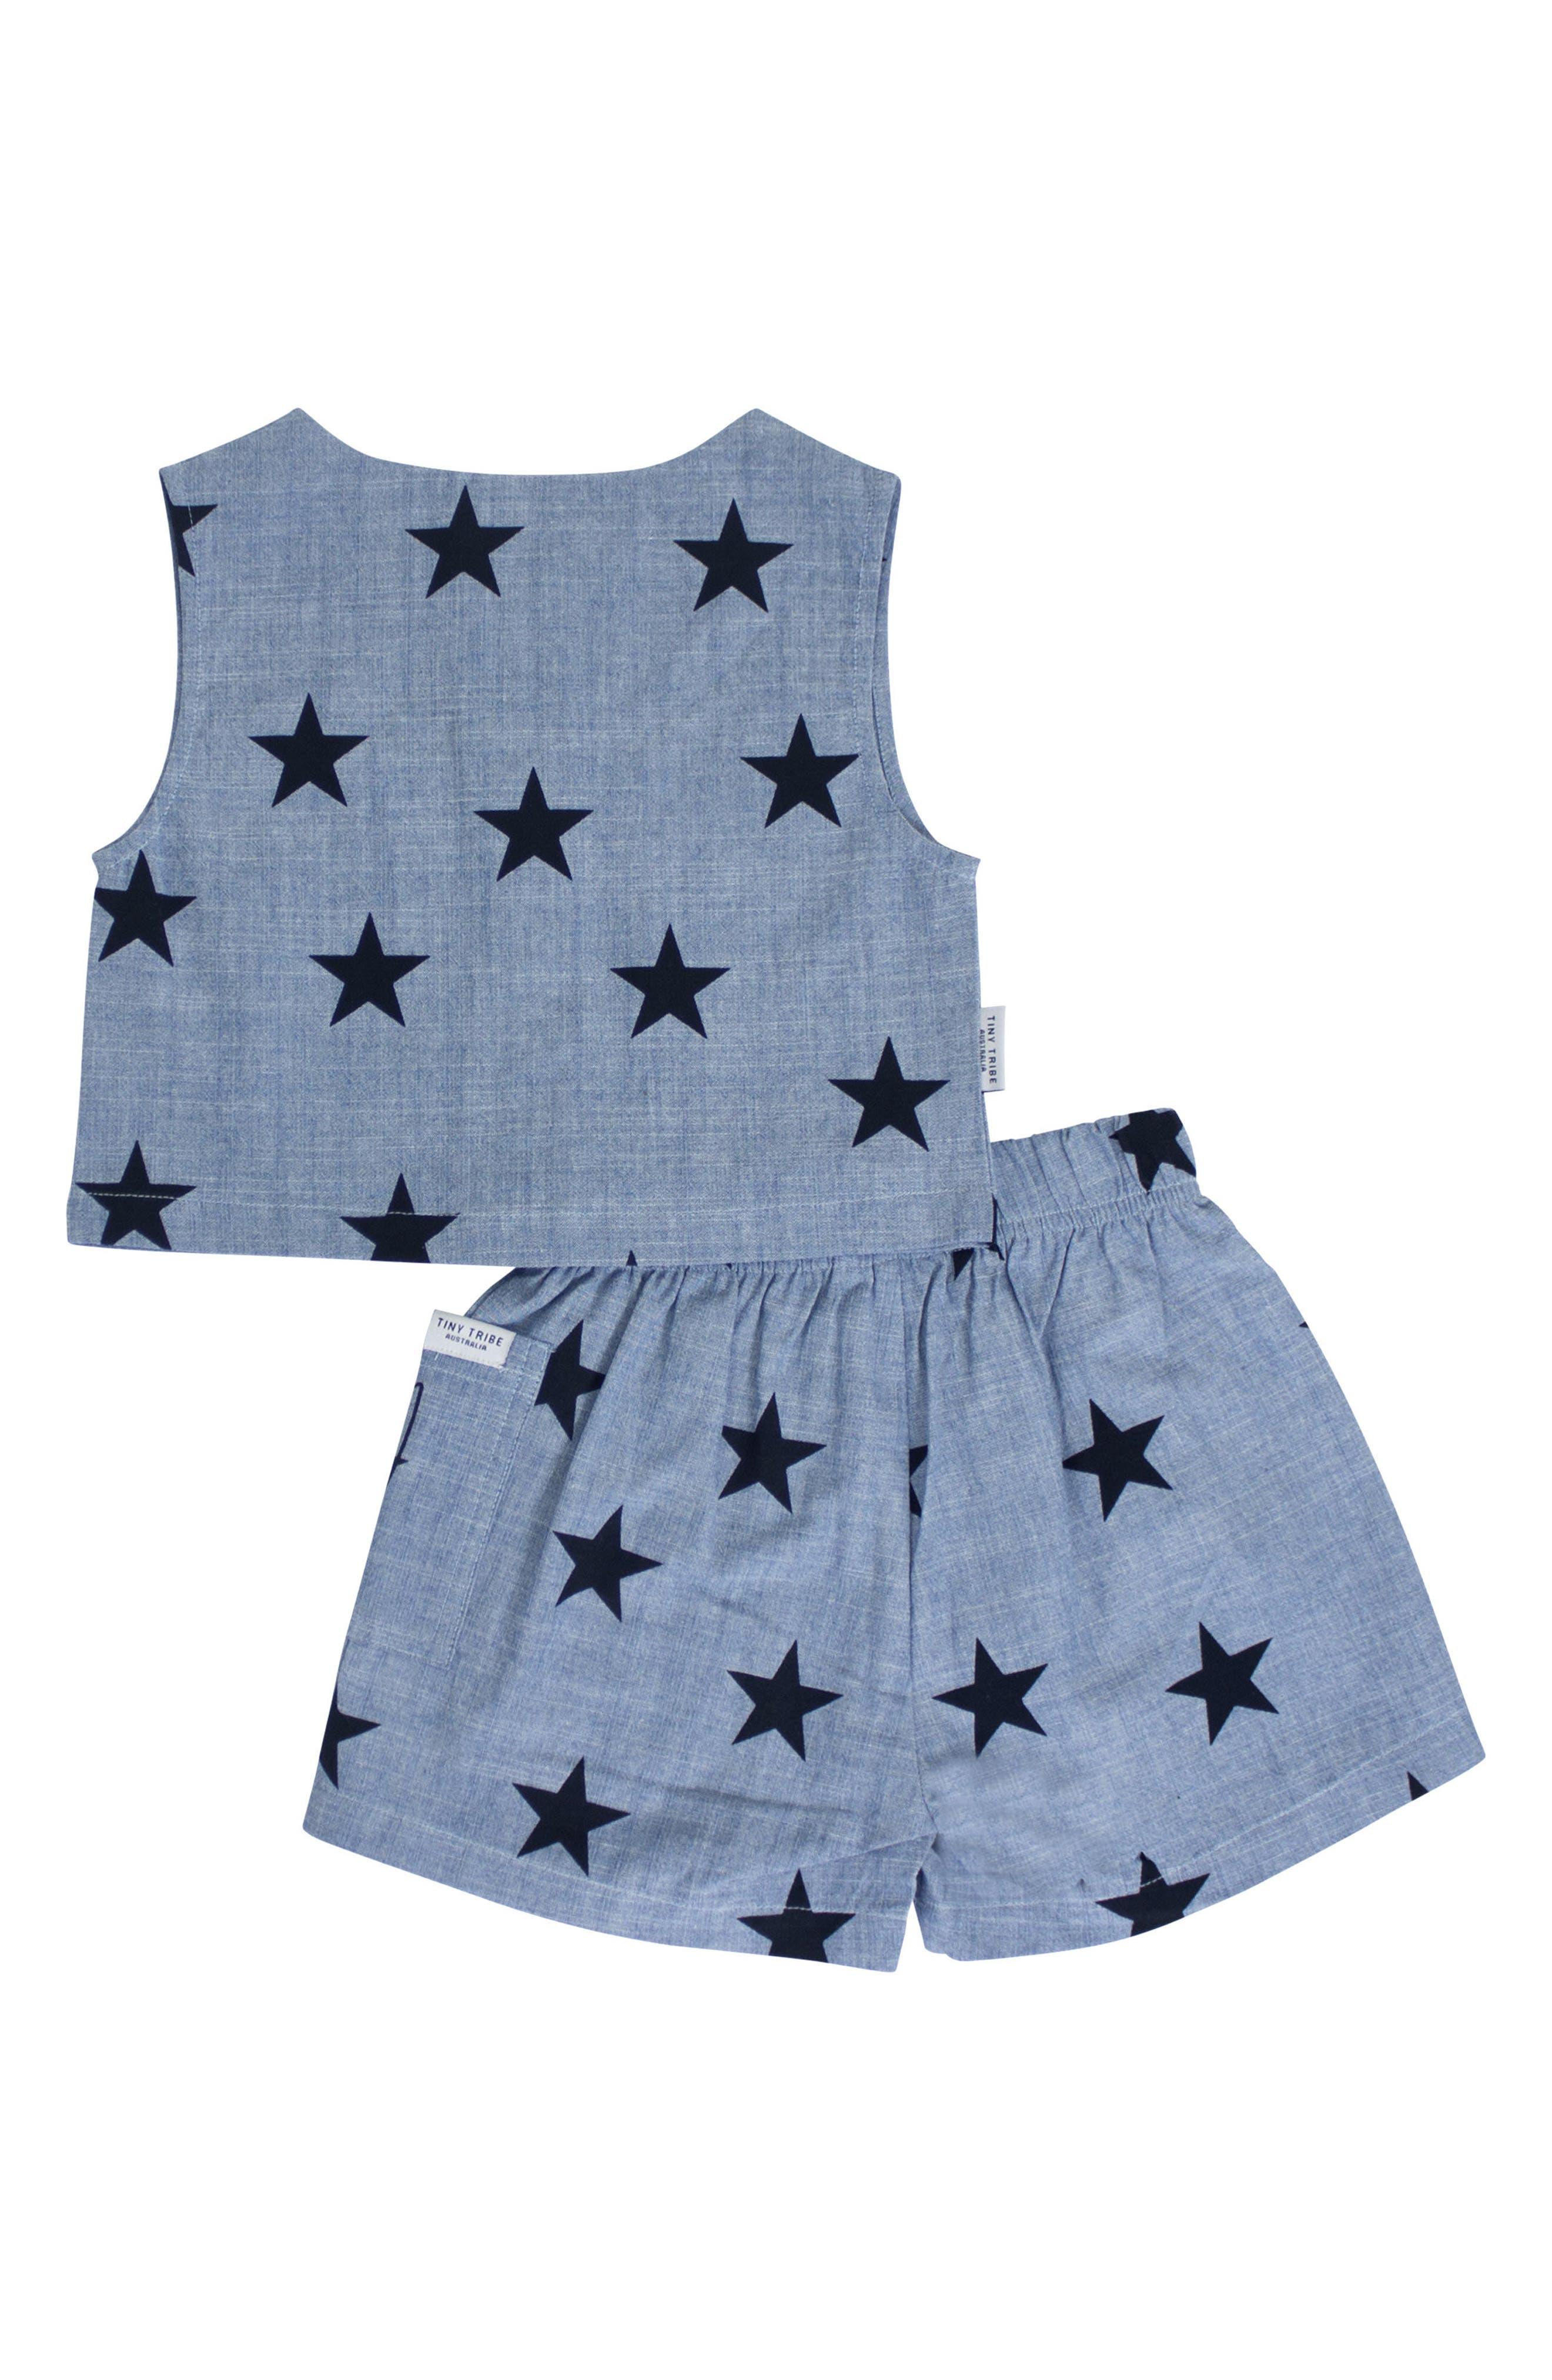 Star Chambray Top & Shorts Set,                             Alternate thumbnail 2, color,                             CHAMBRAY